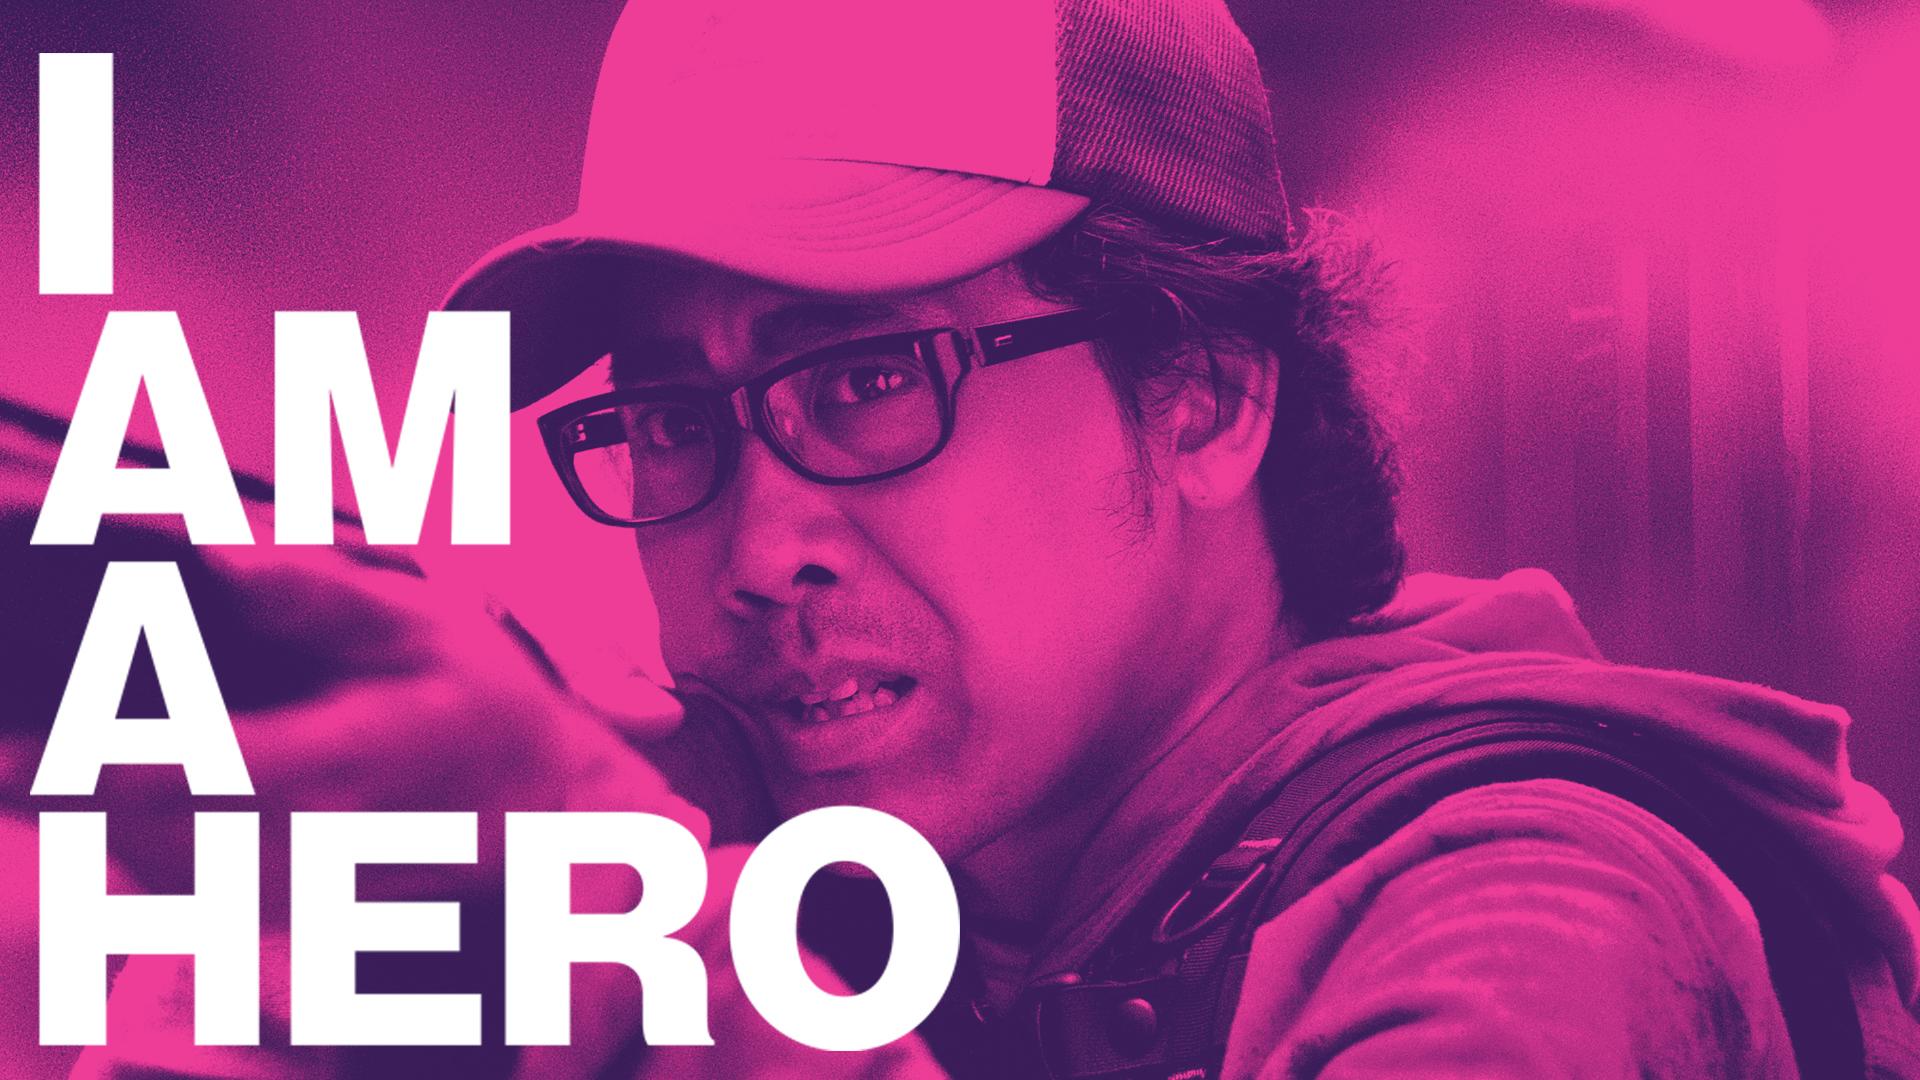 I Am a Hero (Original Japanese Version)